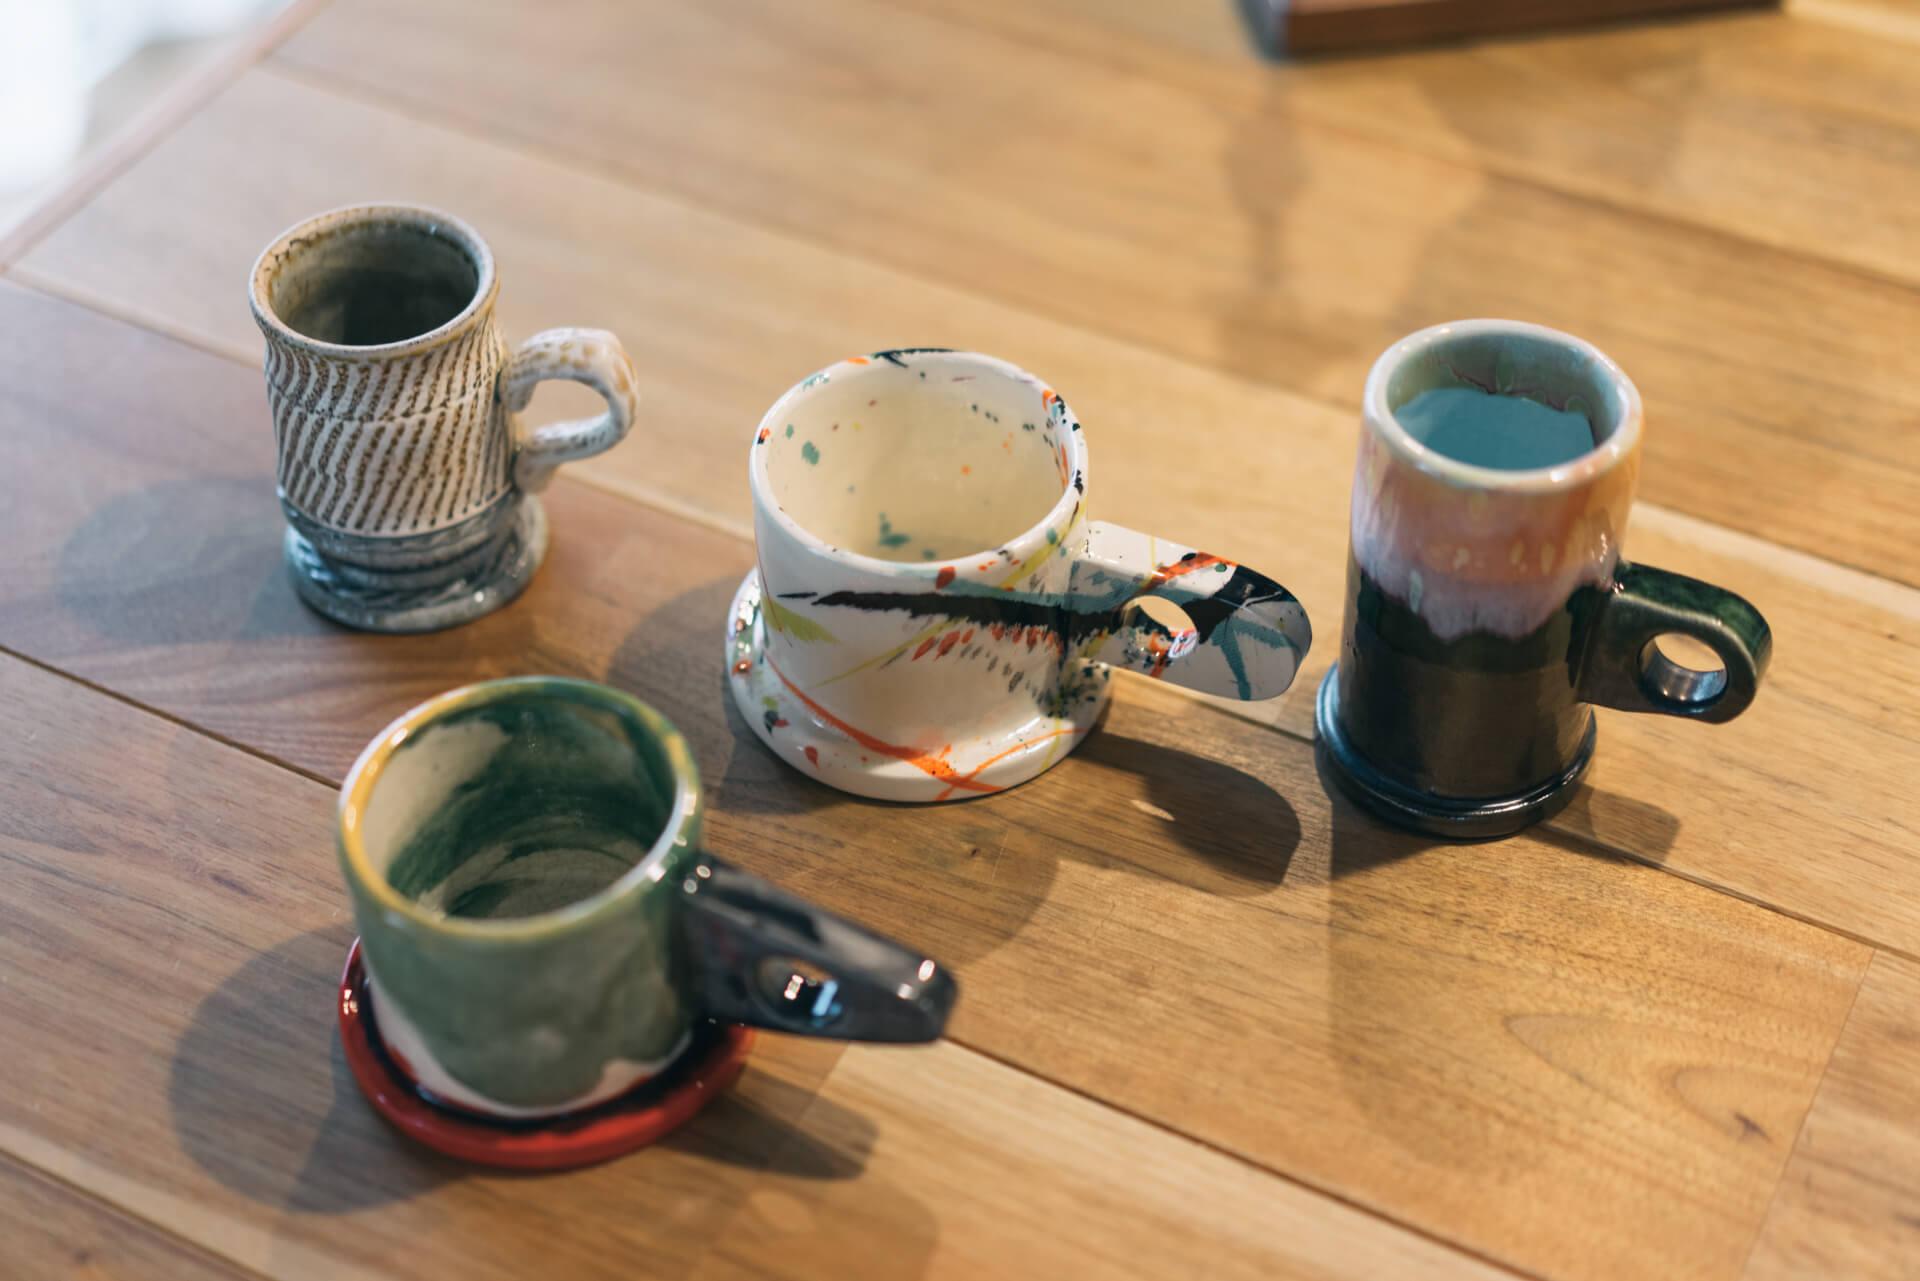 左上は、伊藤丈浩さんの益子焼のカップ。右の3つの変わった形のカップはエコパークポッテリーのもの。